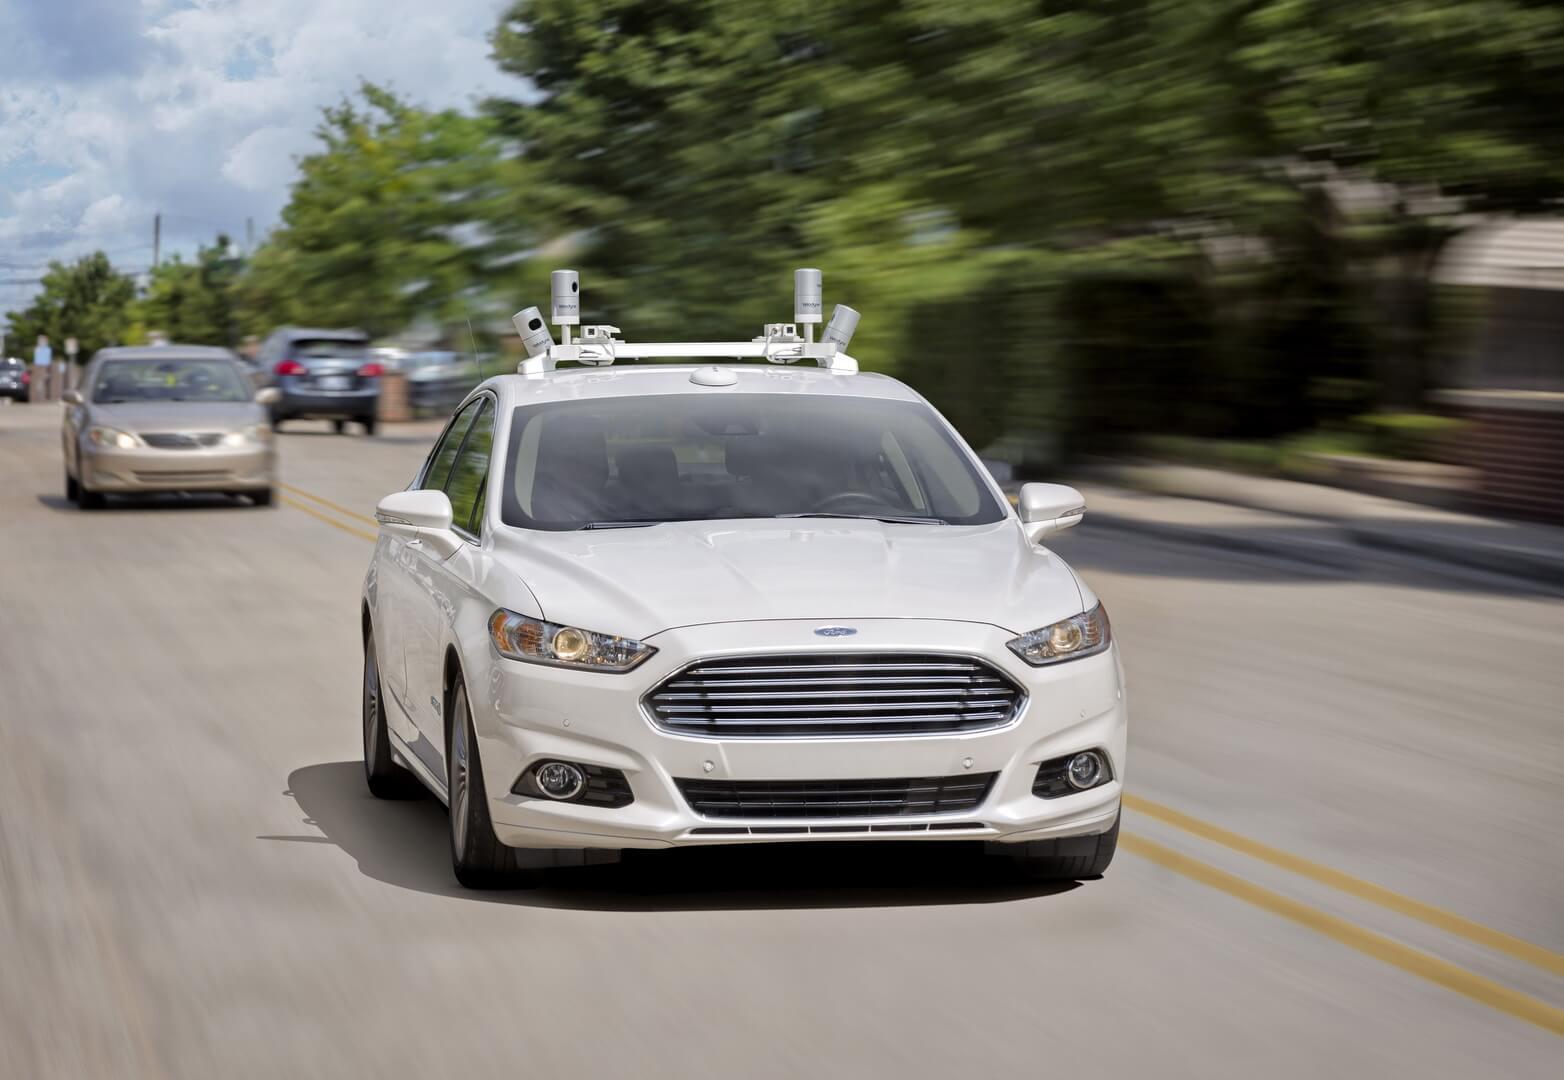 Седан Ford Fusion Hybrid с автономным управлением